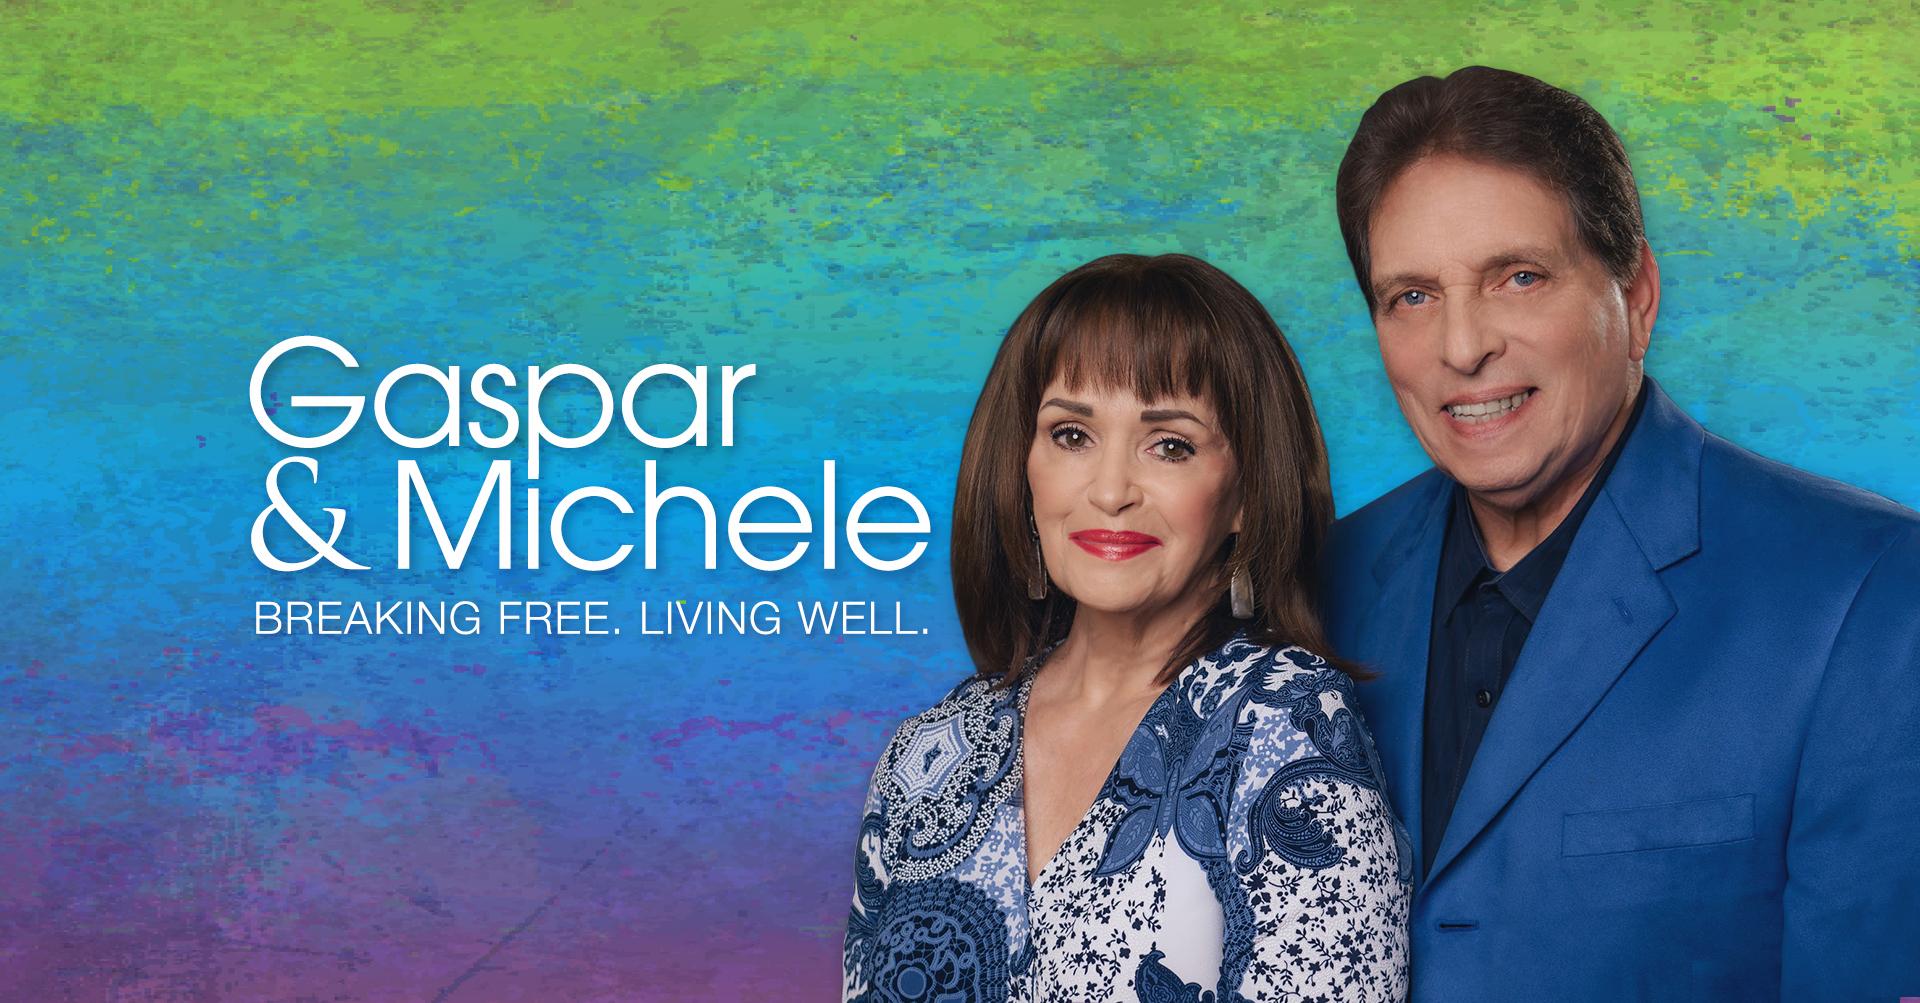 Gaspar & Michele